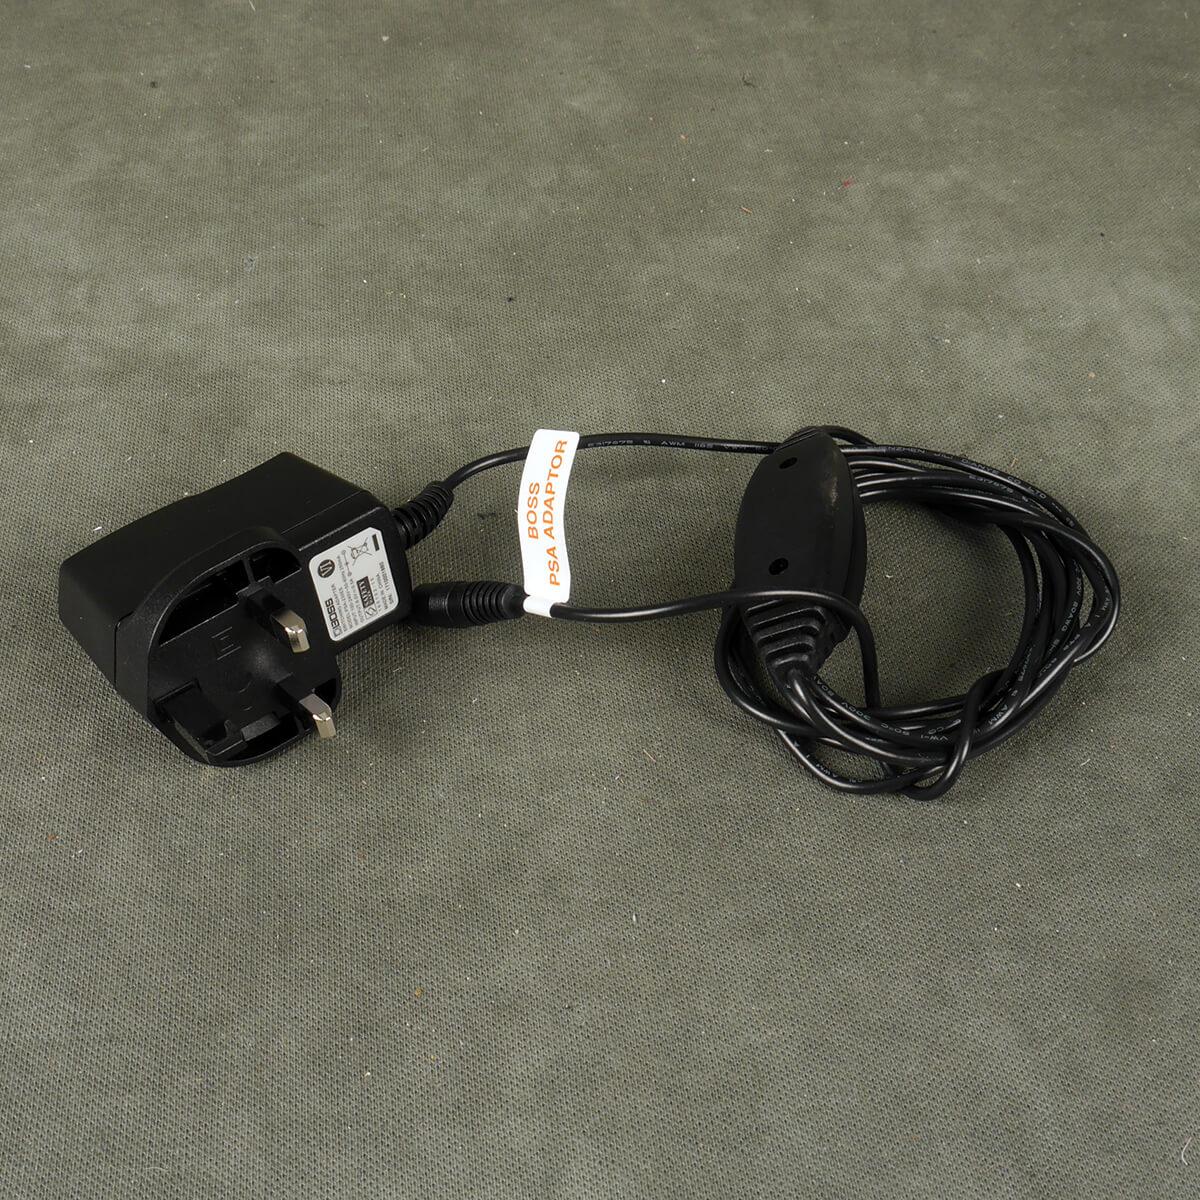 Boss PSA230 Centre Negative Power Supply - 2nd Hand